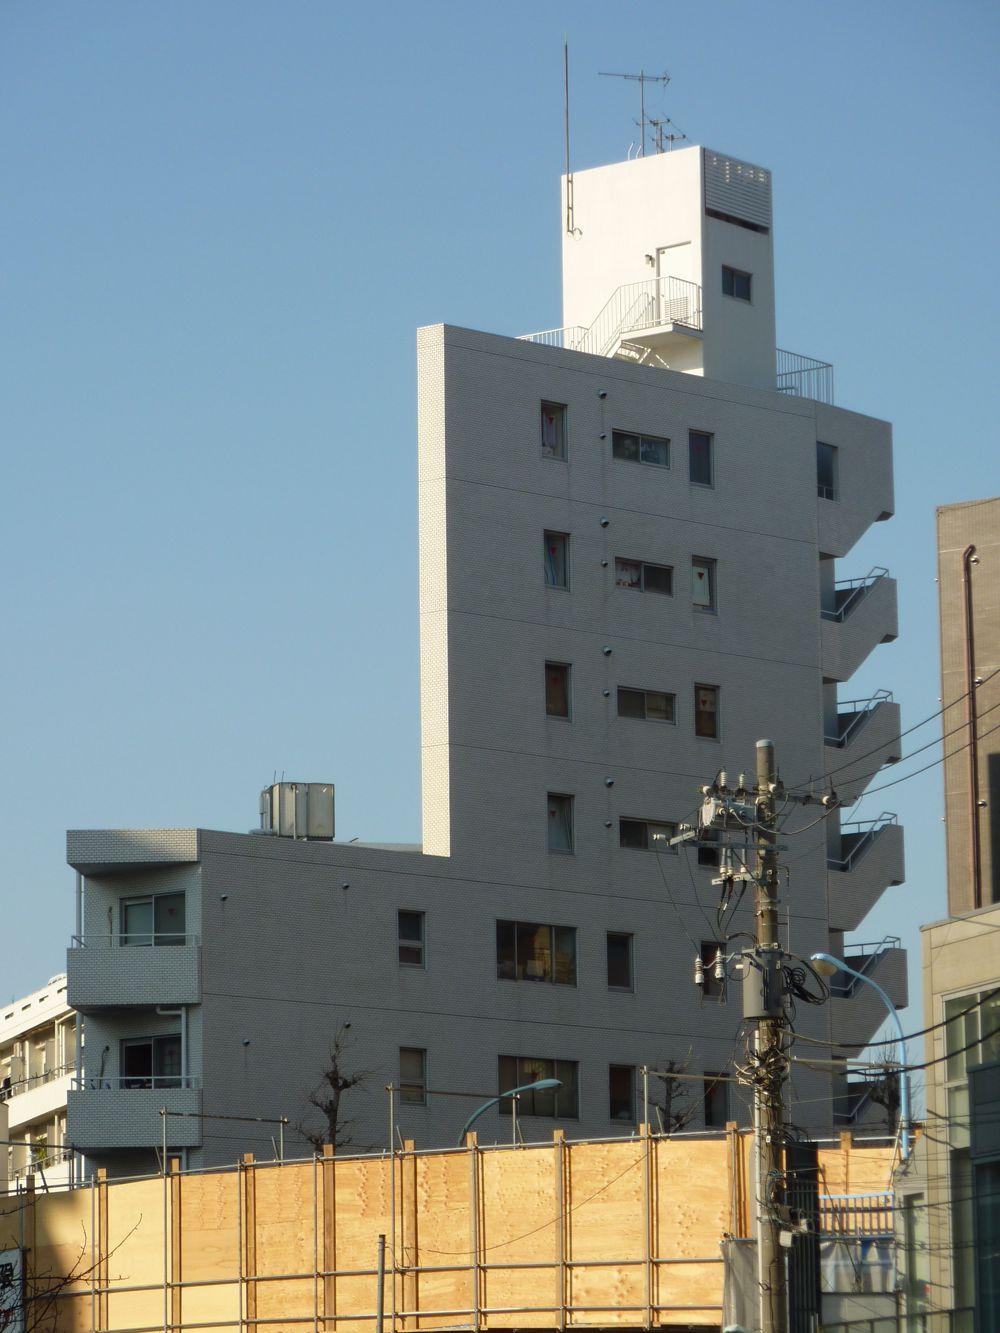 Architektur aus tokyo - Architektur tokyo ...